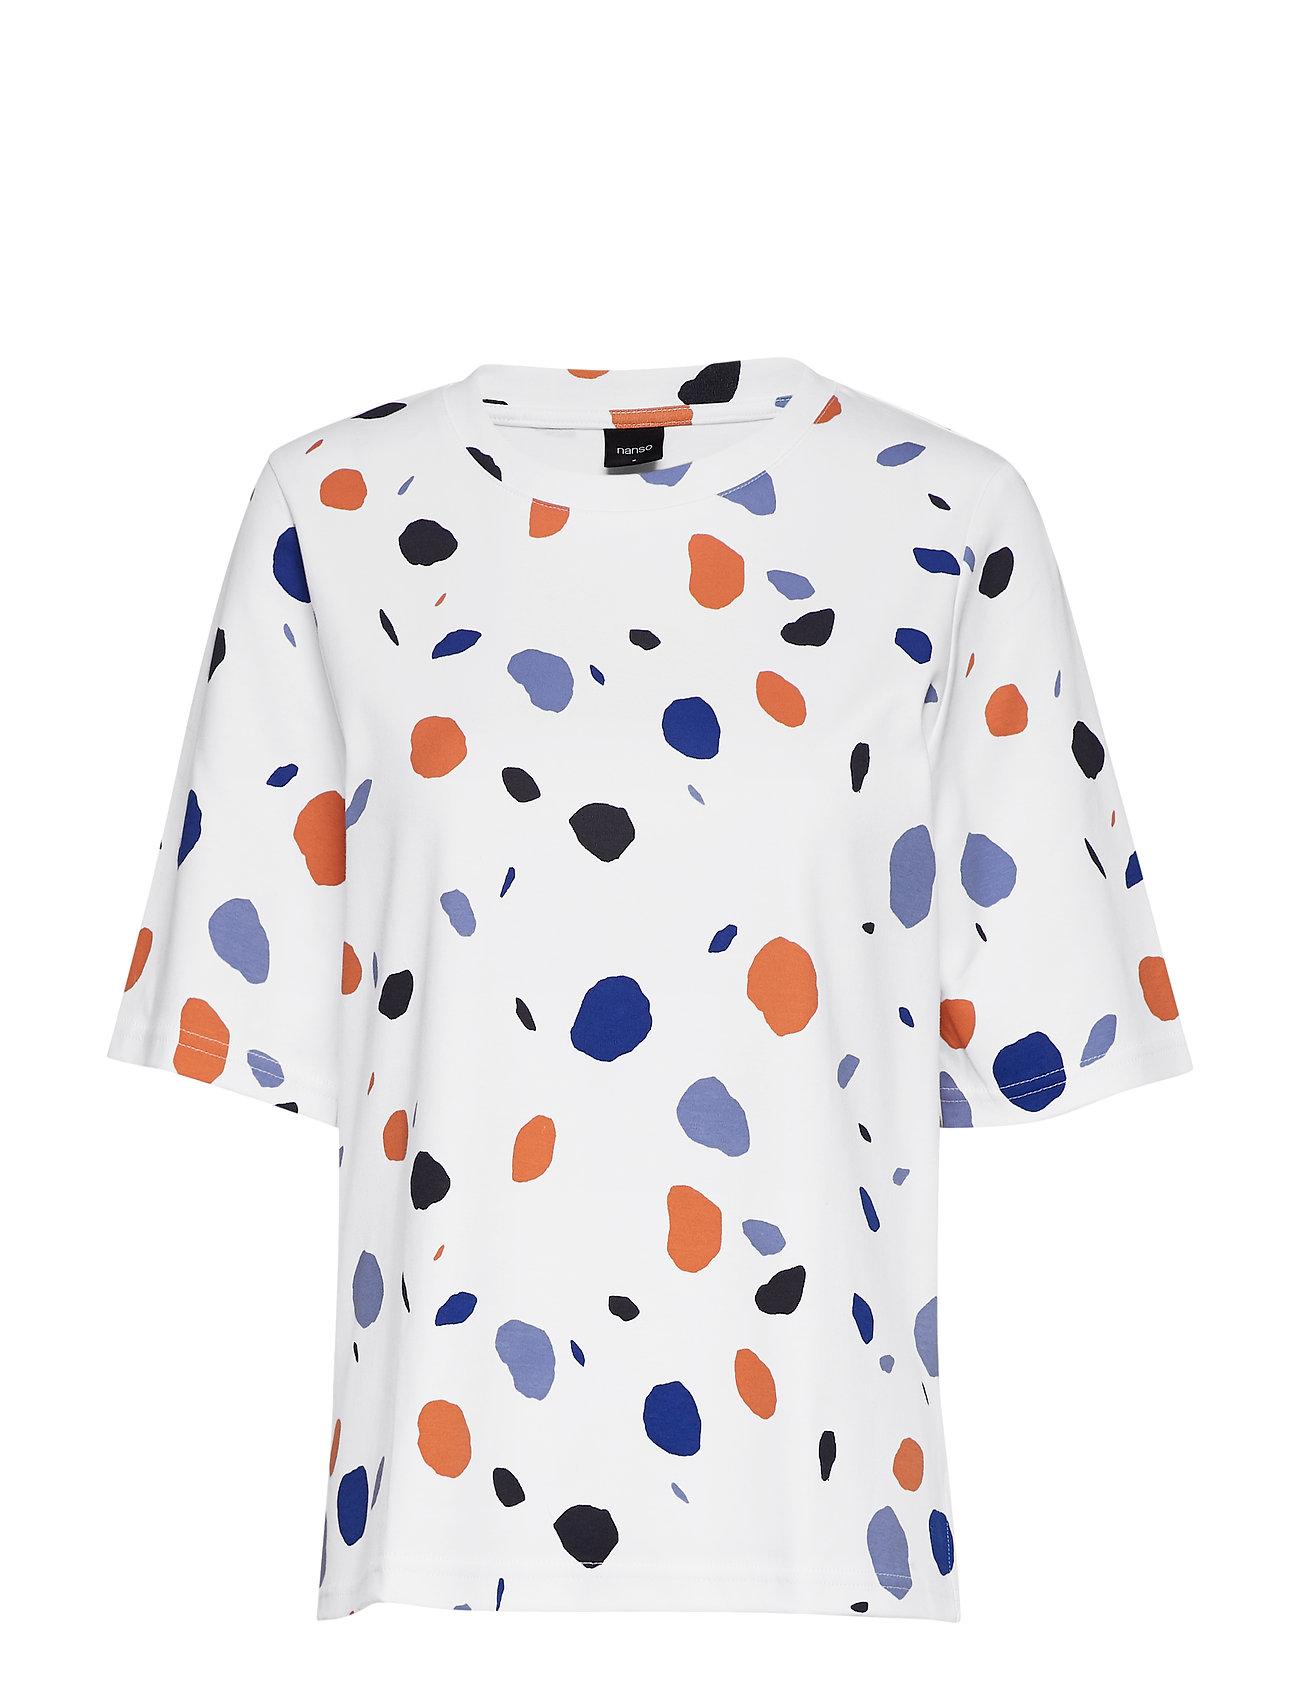 Nanso Ladies blouse, Pyörre - WHITE